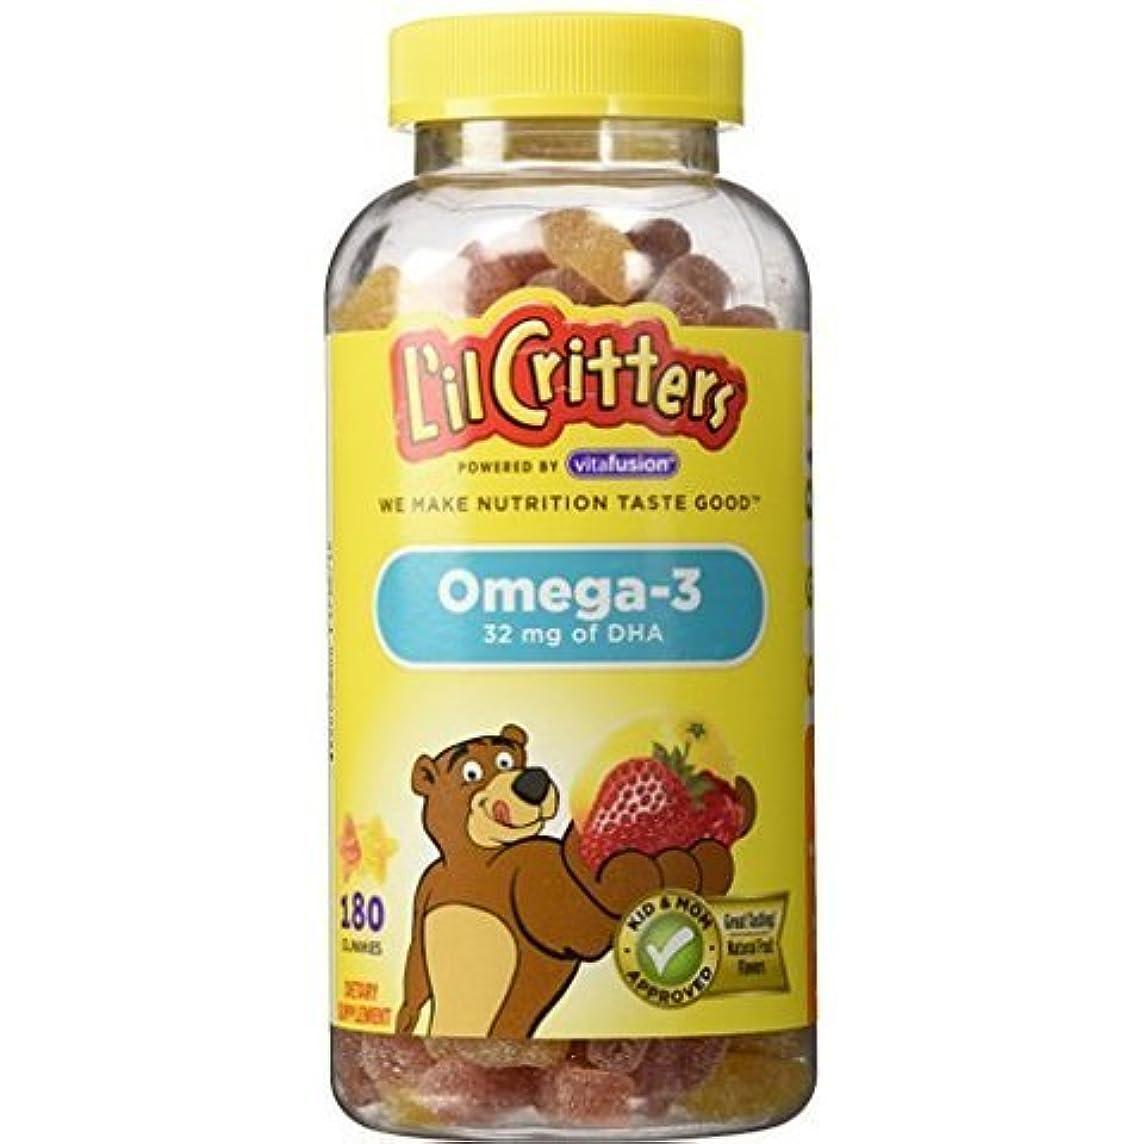 手順ガス民間人L'il Critters クルクリターズ 子供用ビタミングミ オメガ3 DHA 180粒 [並行輸入品]